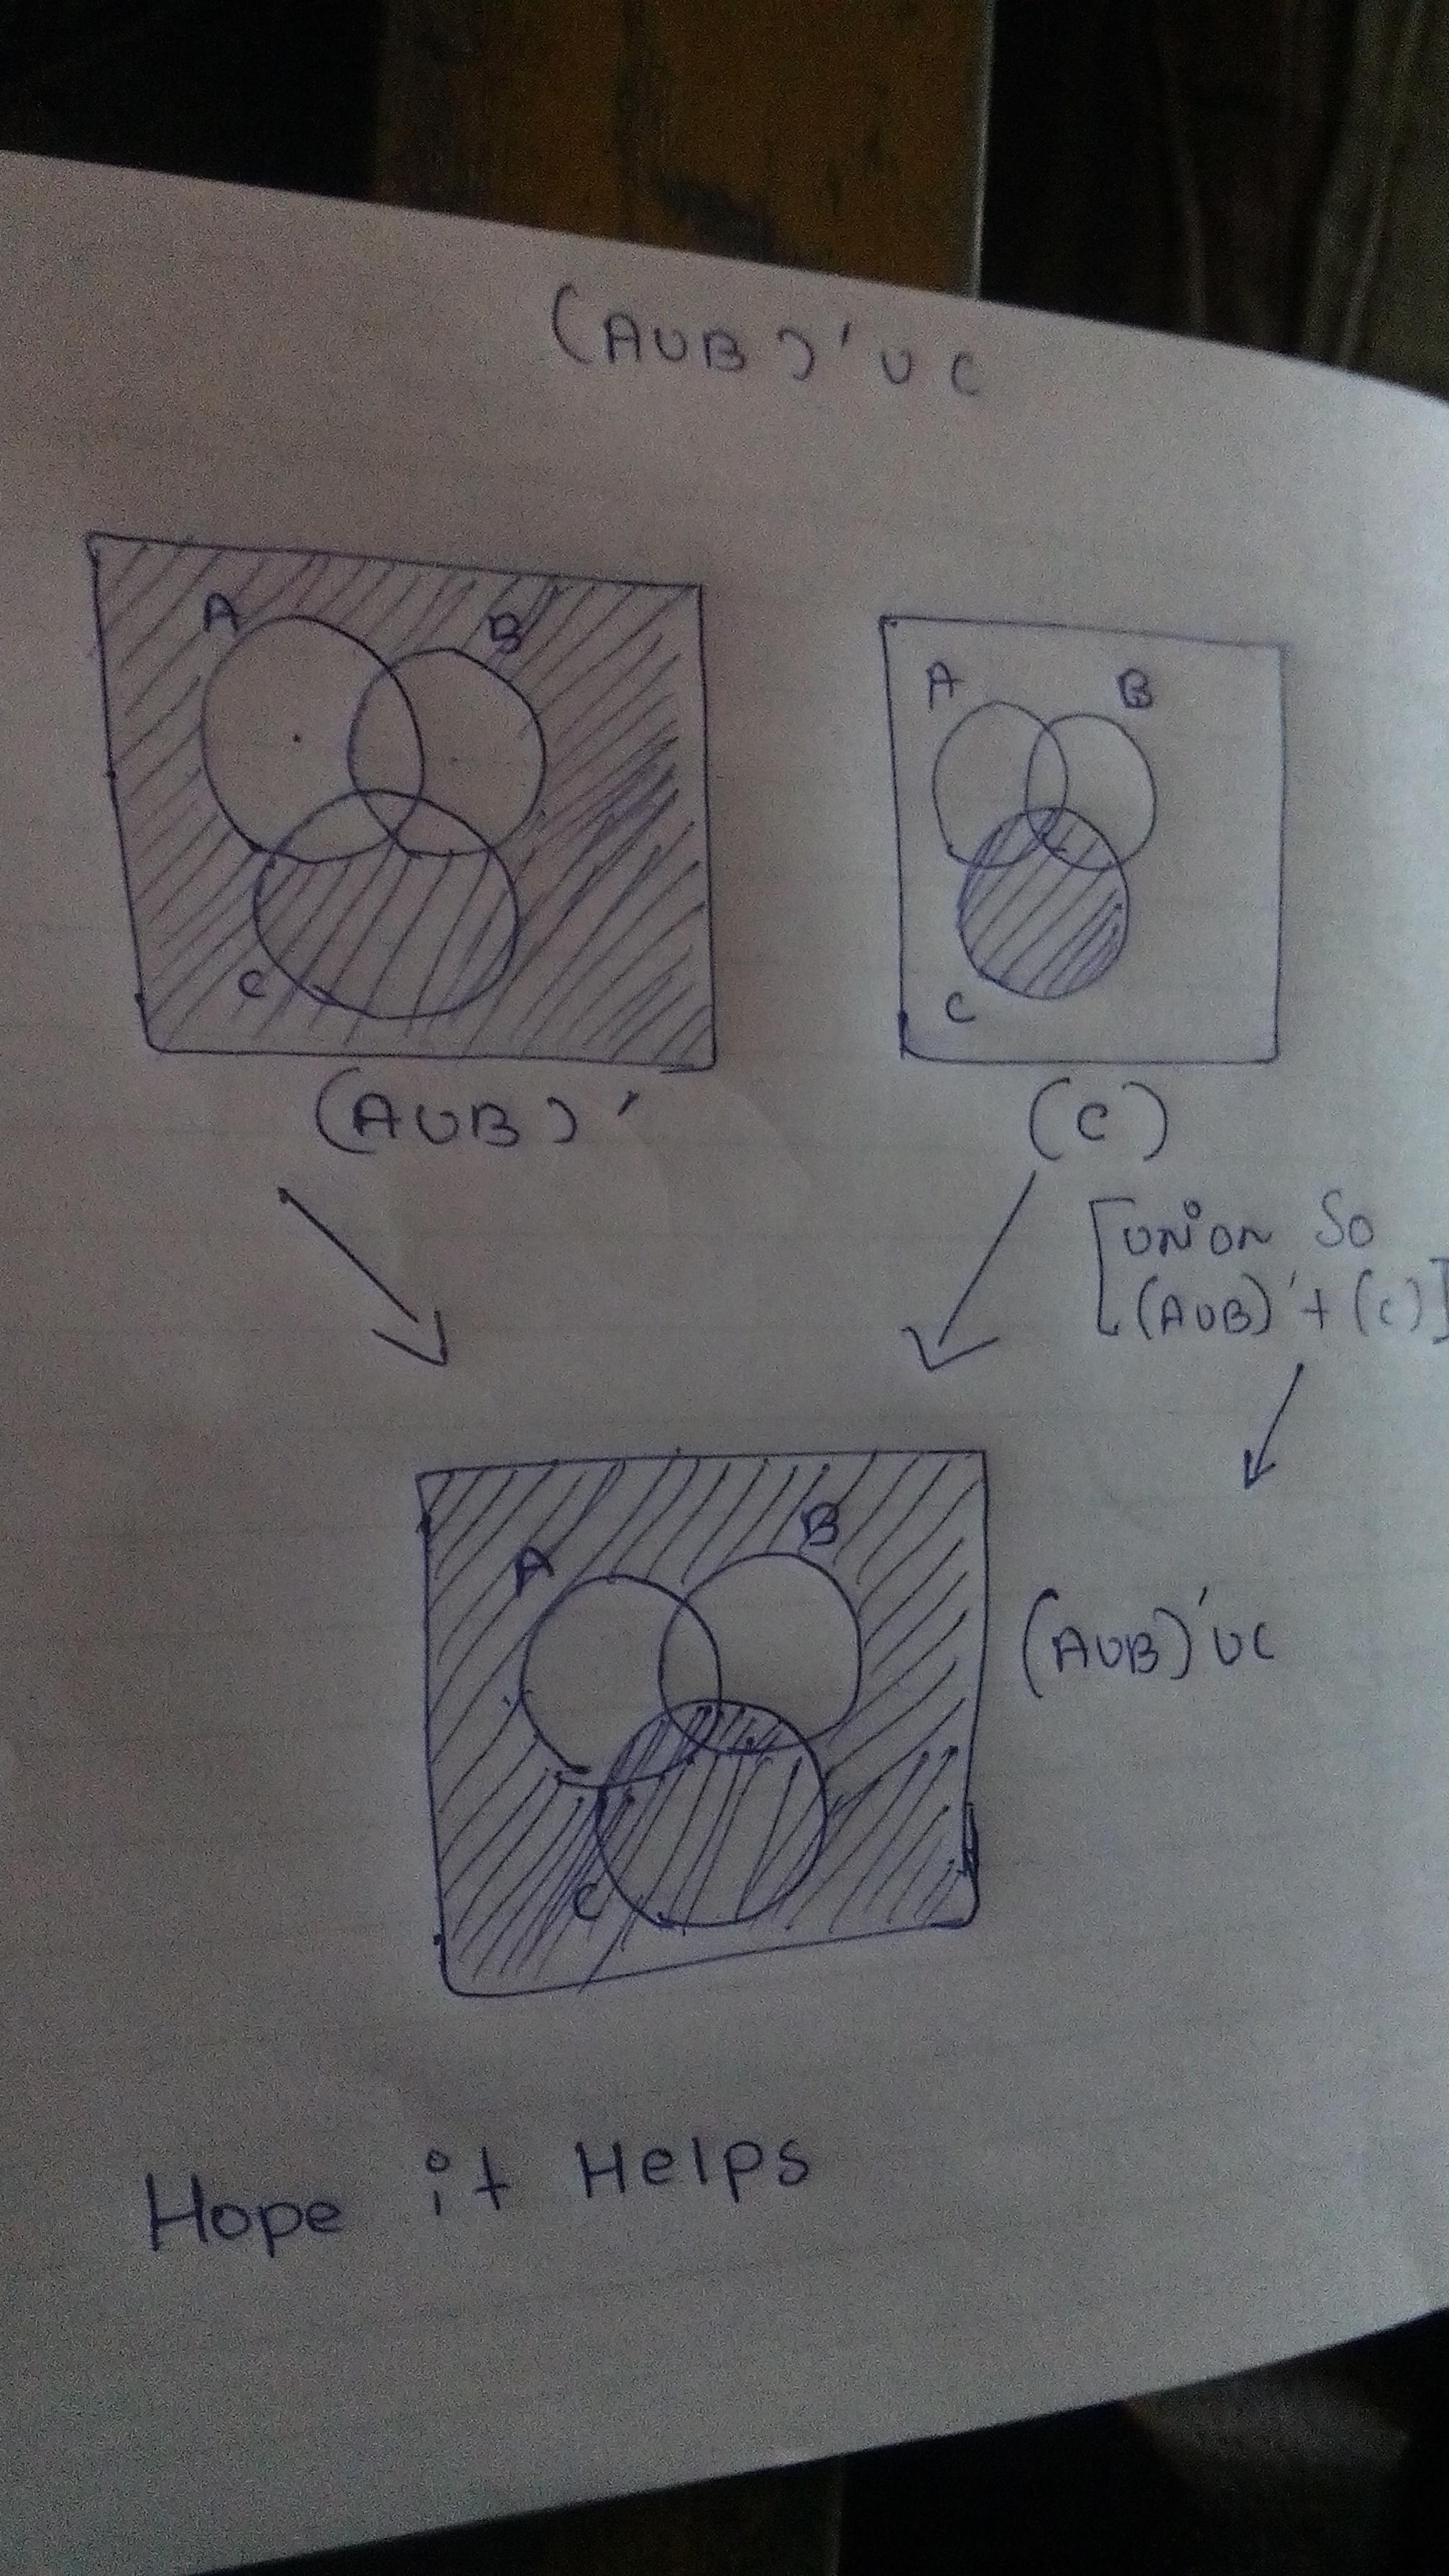 Venn Diagram For  Aub  U0026 39 Uc